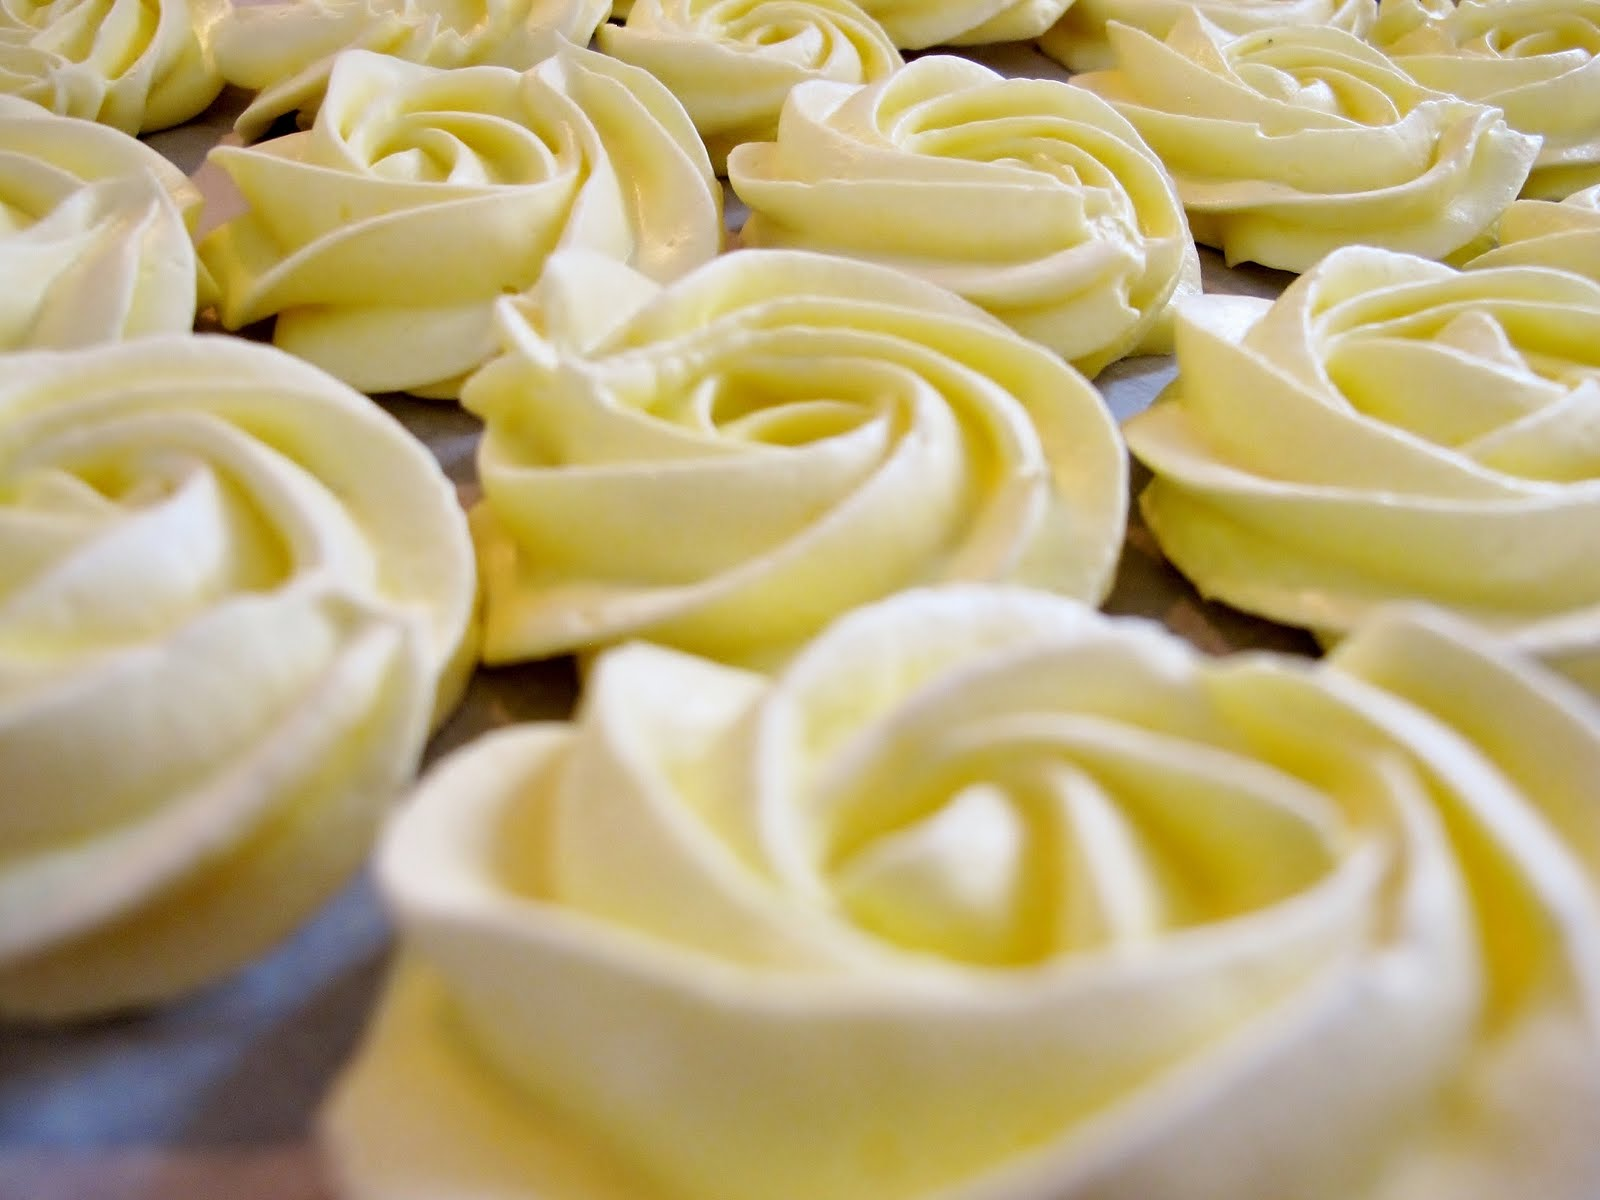 Lemon Meringue Cookies Morning glory bakes: lemon meringue cookies